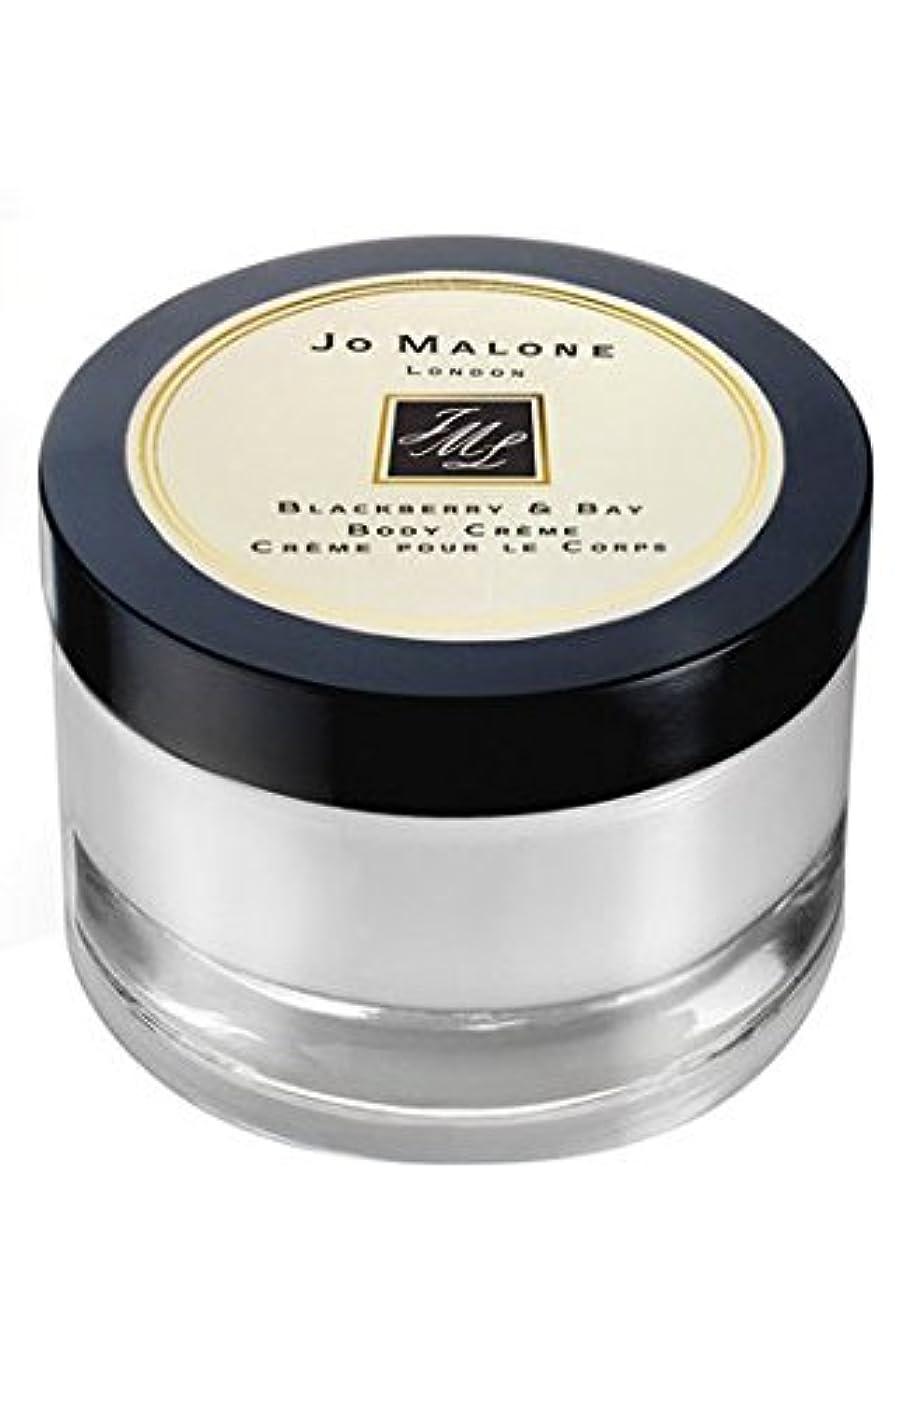 購入確保する濃度ジョーマローン 'ブラックベリー&ベイ' 5.9 oz (177ml) ボディークリーム